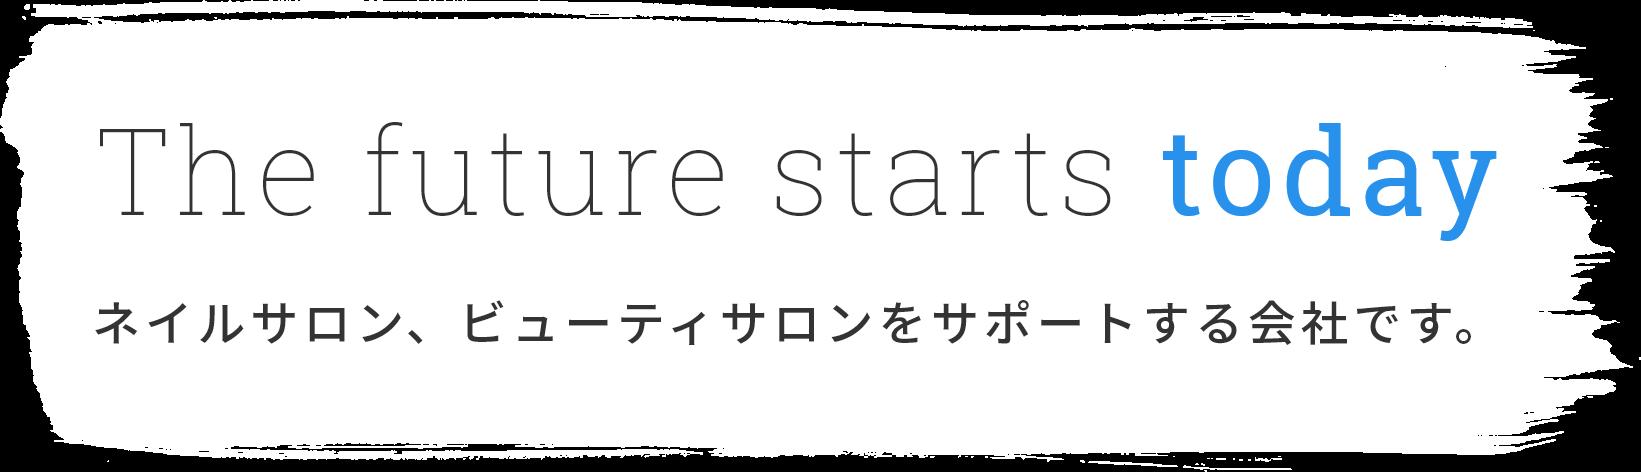 The future starts today ネイルサロン、ビューティサロンをサポートする会社です。